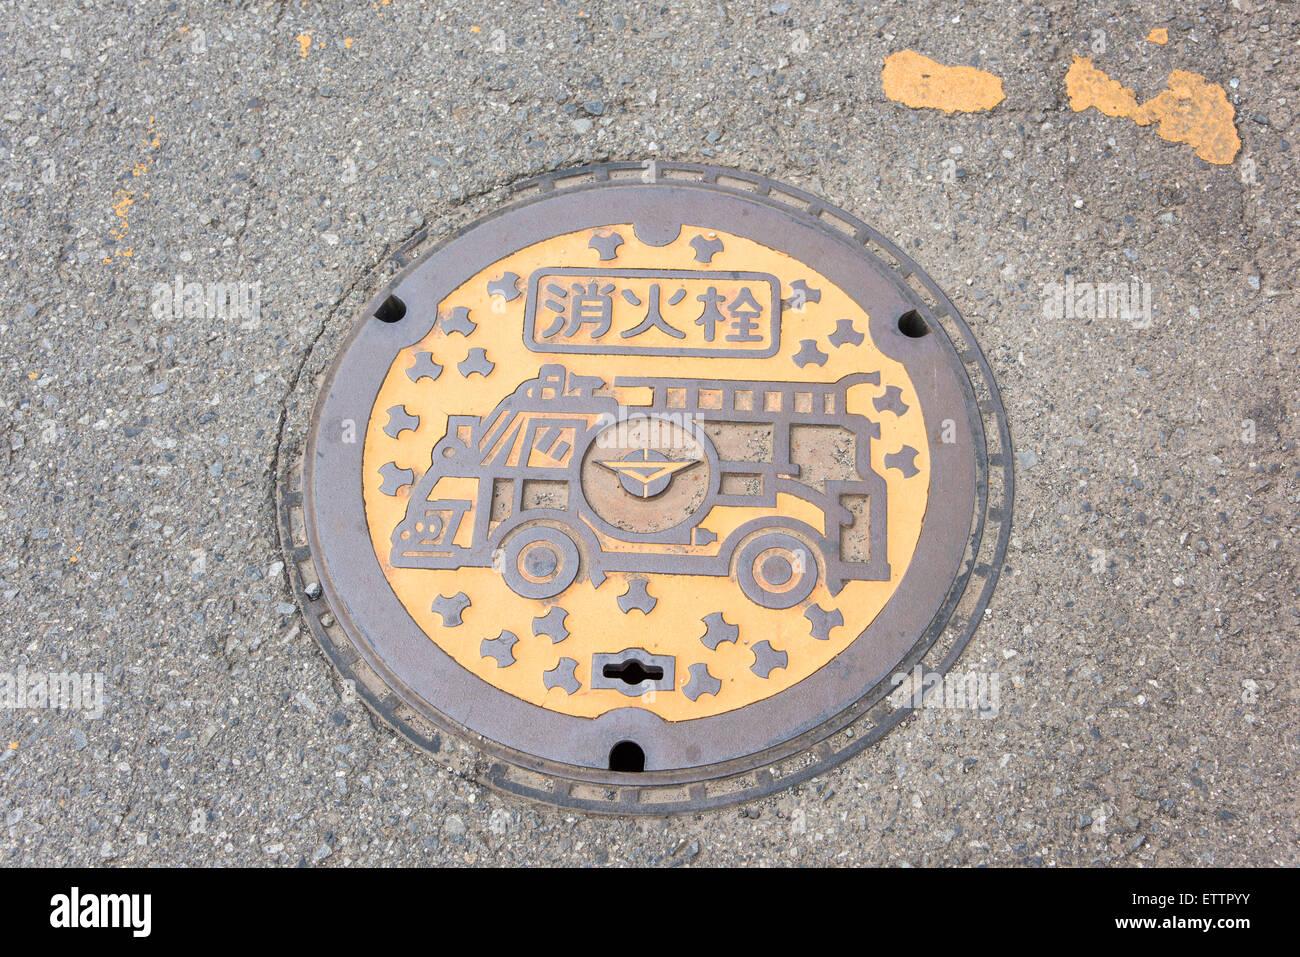 Manhole, Zama city,Kanagawa Prefecture,Japan - Stock Image